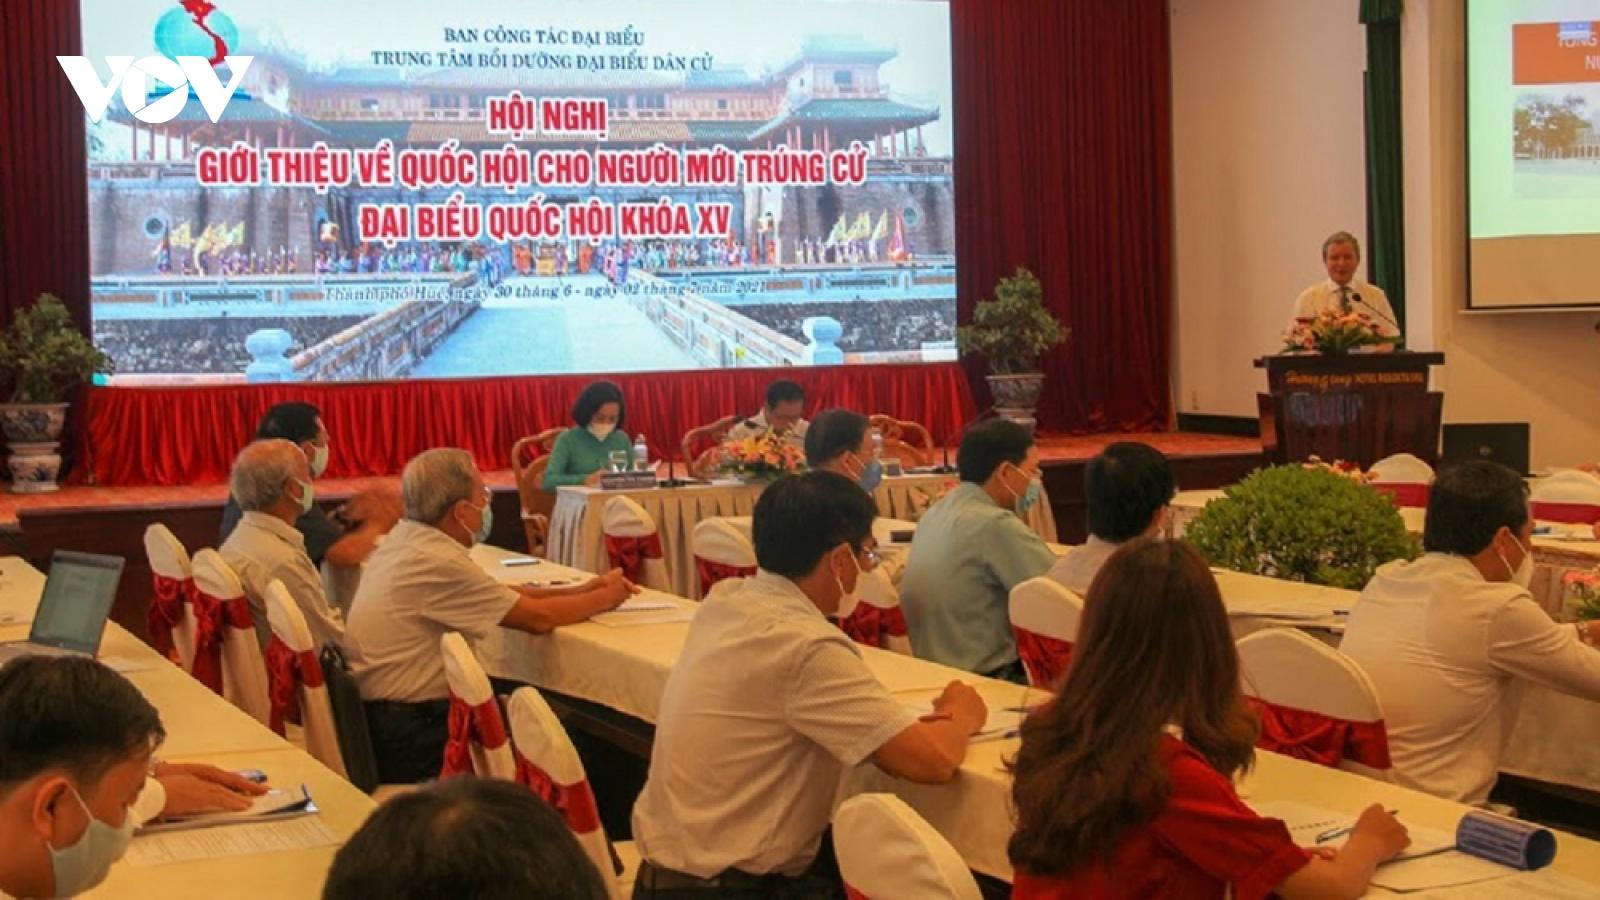 Tập huấn nâng cao kỹ năng cho đại biểu Quốc hội mới trúng cử